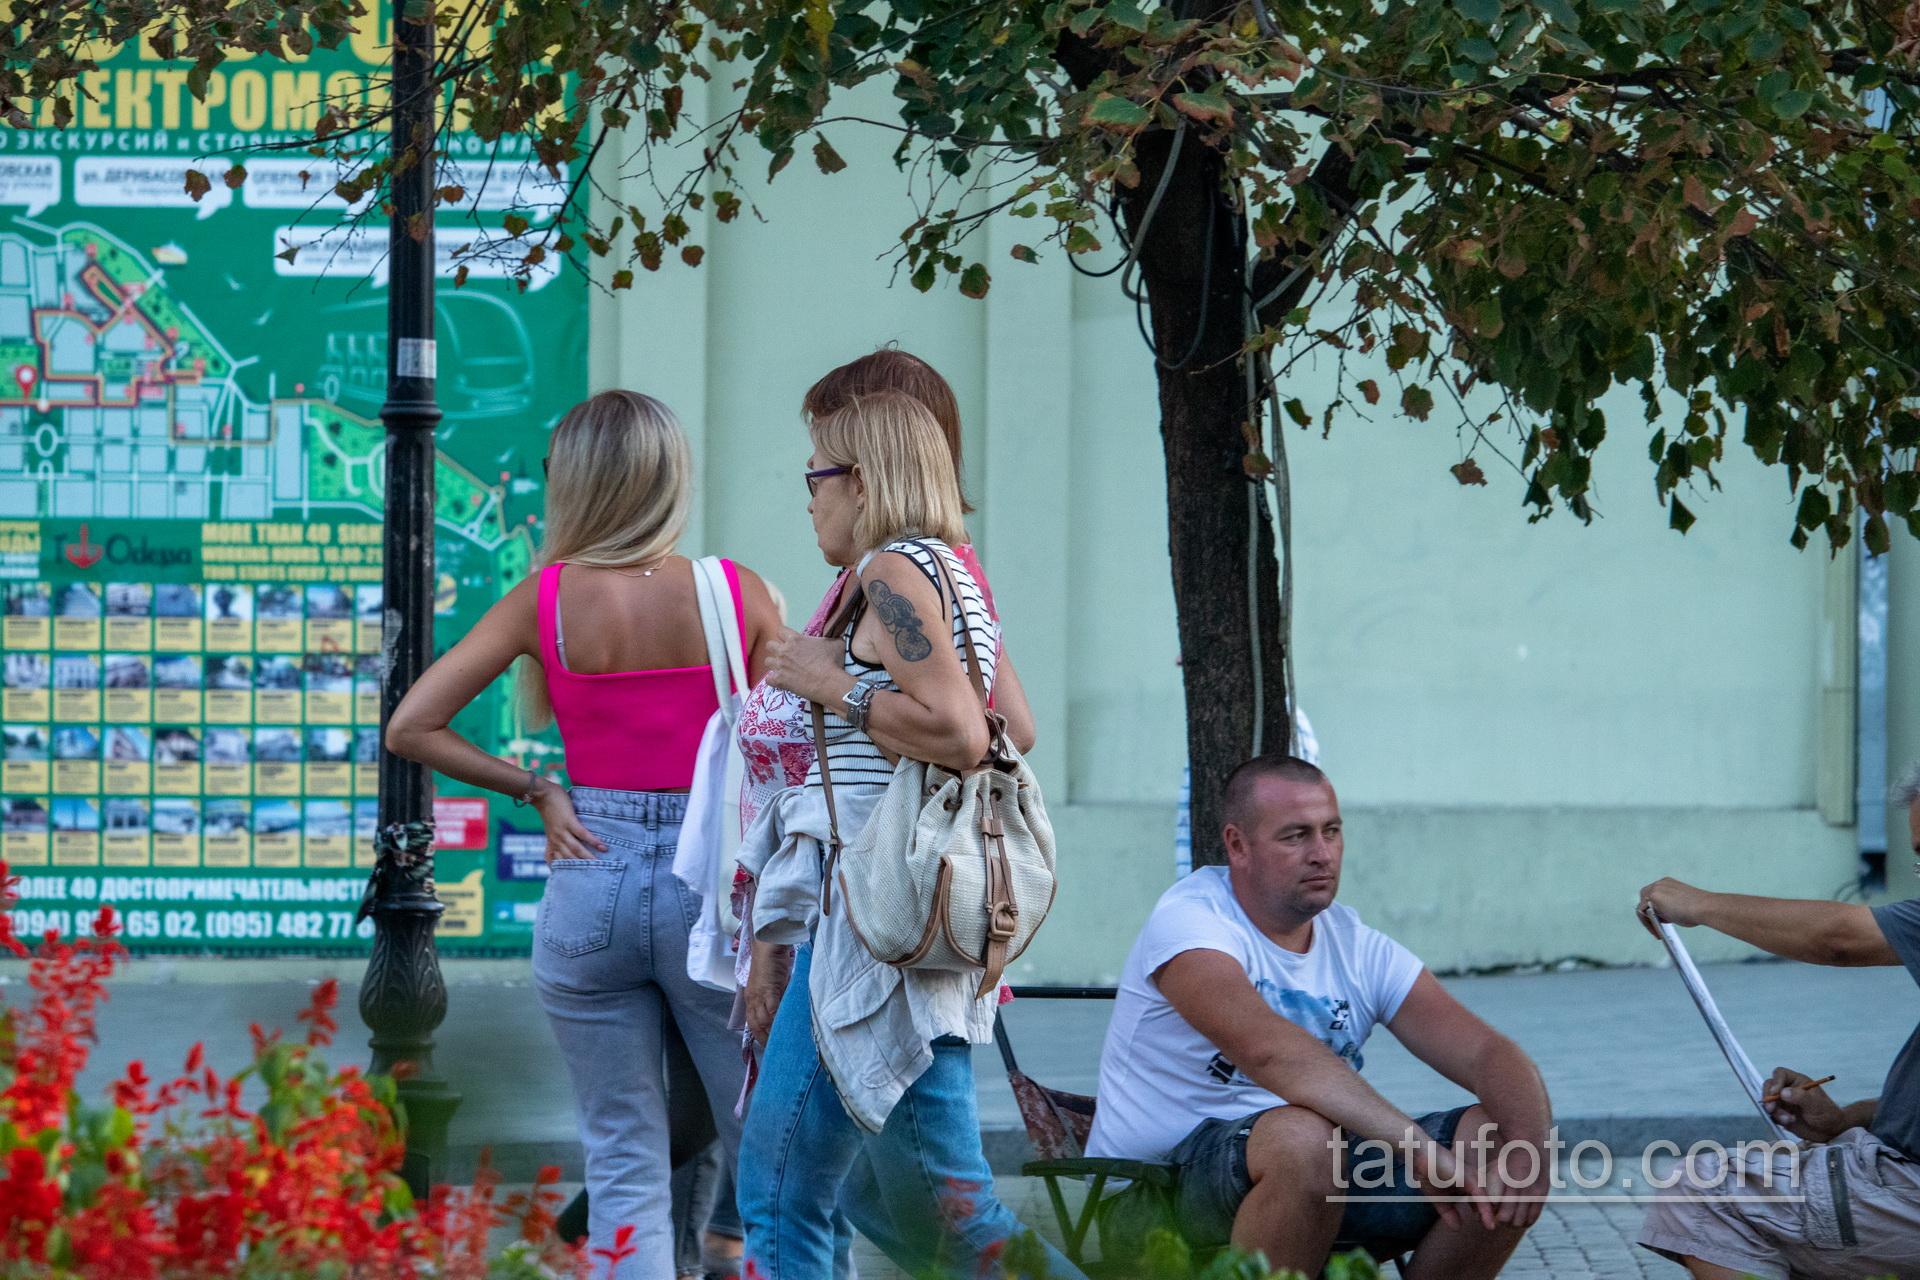 Татуировка с кругами на правом плече женщины в возрасте – Уличная татуировка 14.09.2020 – tatufoto.com 1